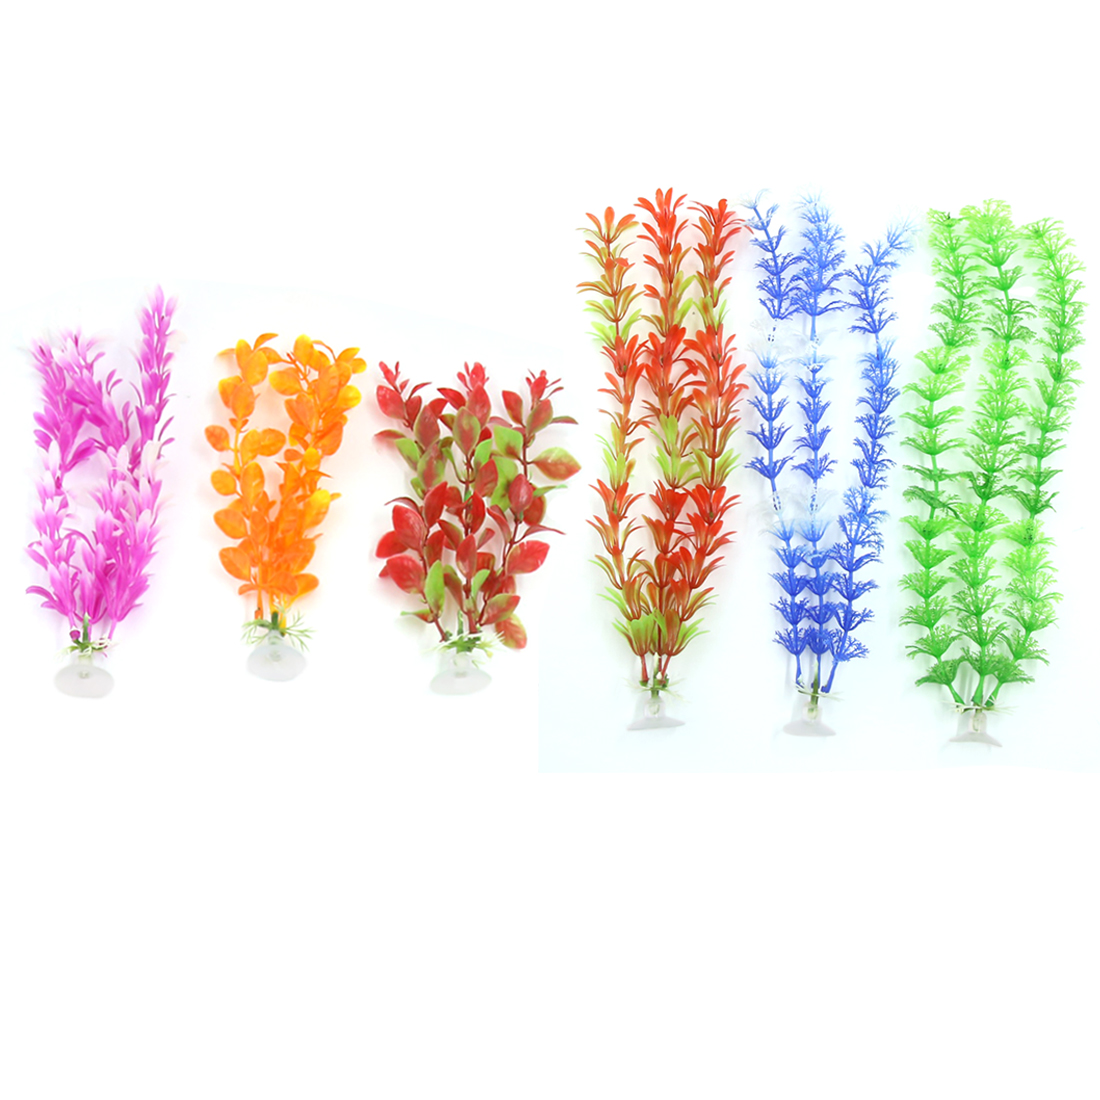 6 Pcs Aqua Plastic Decoration Ornament Plant With Suction Cup